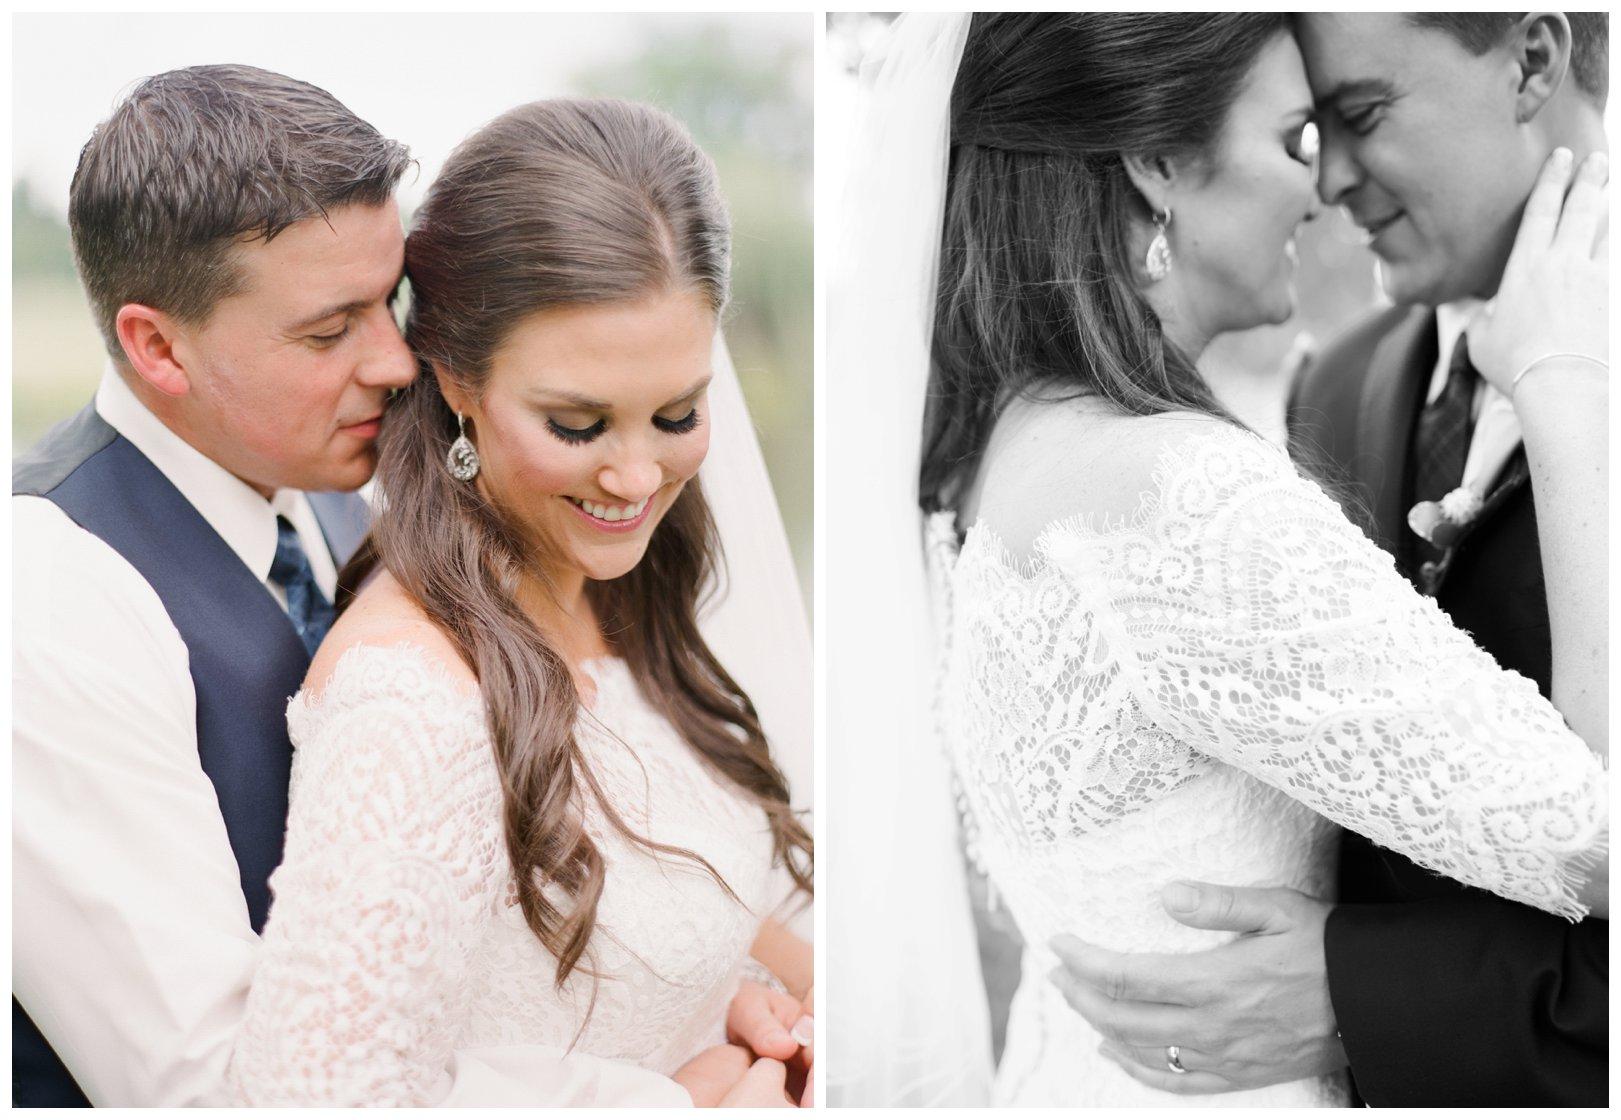 lauren muckler photography_fine art film wedding photography_st louis_photography_1257.jpg